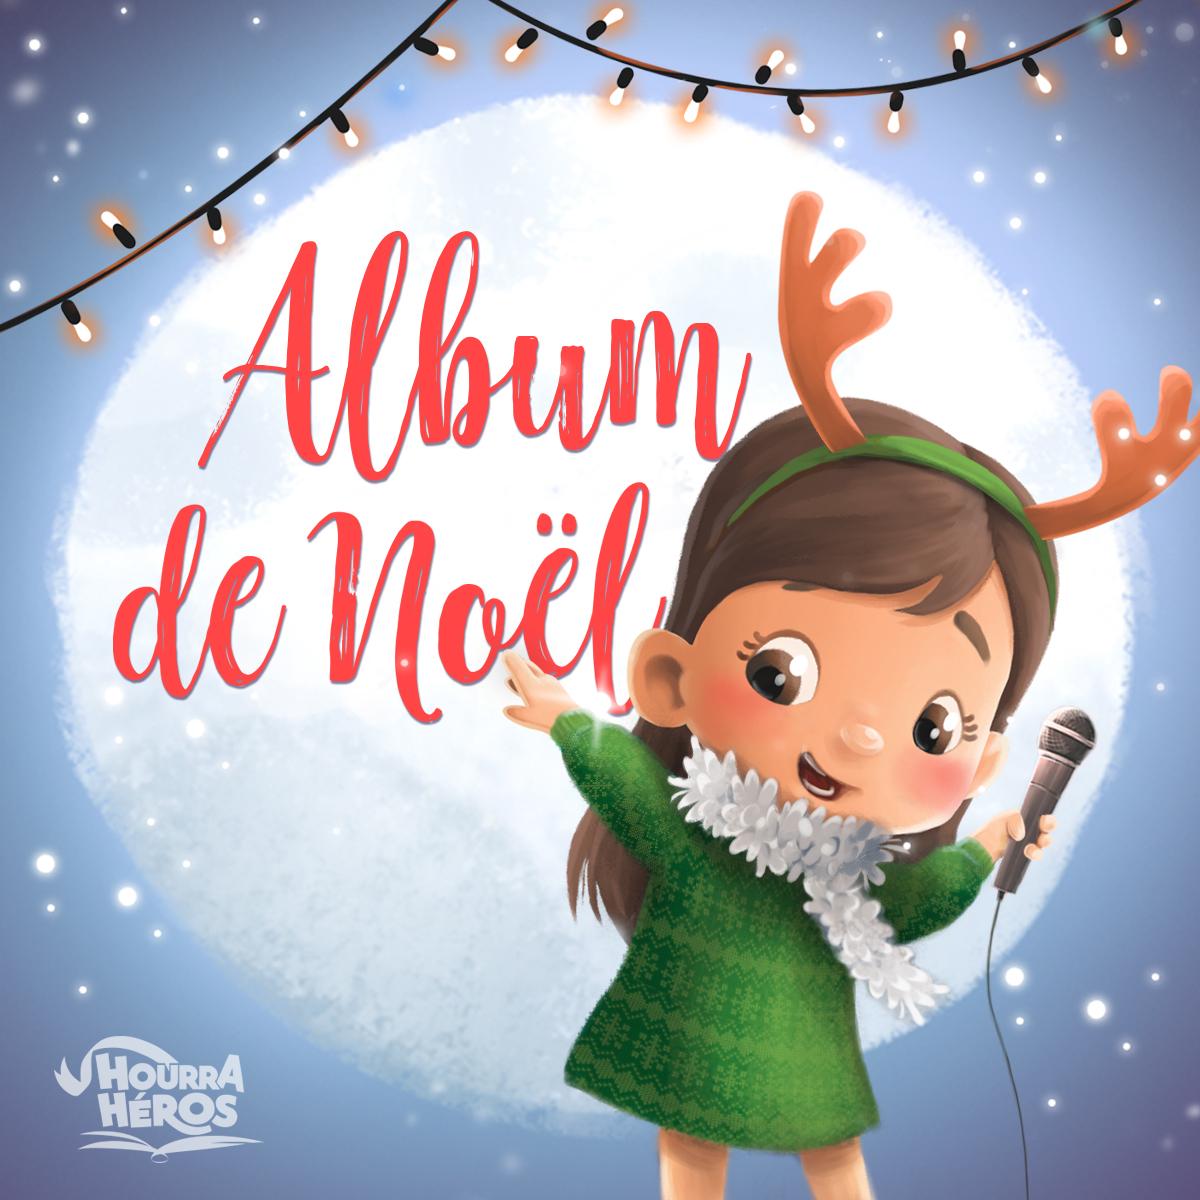 Album de noël gratuit (Dématérialisé) - hourraheros.fr